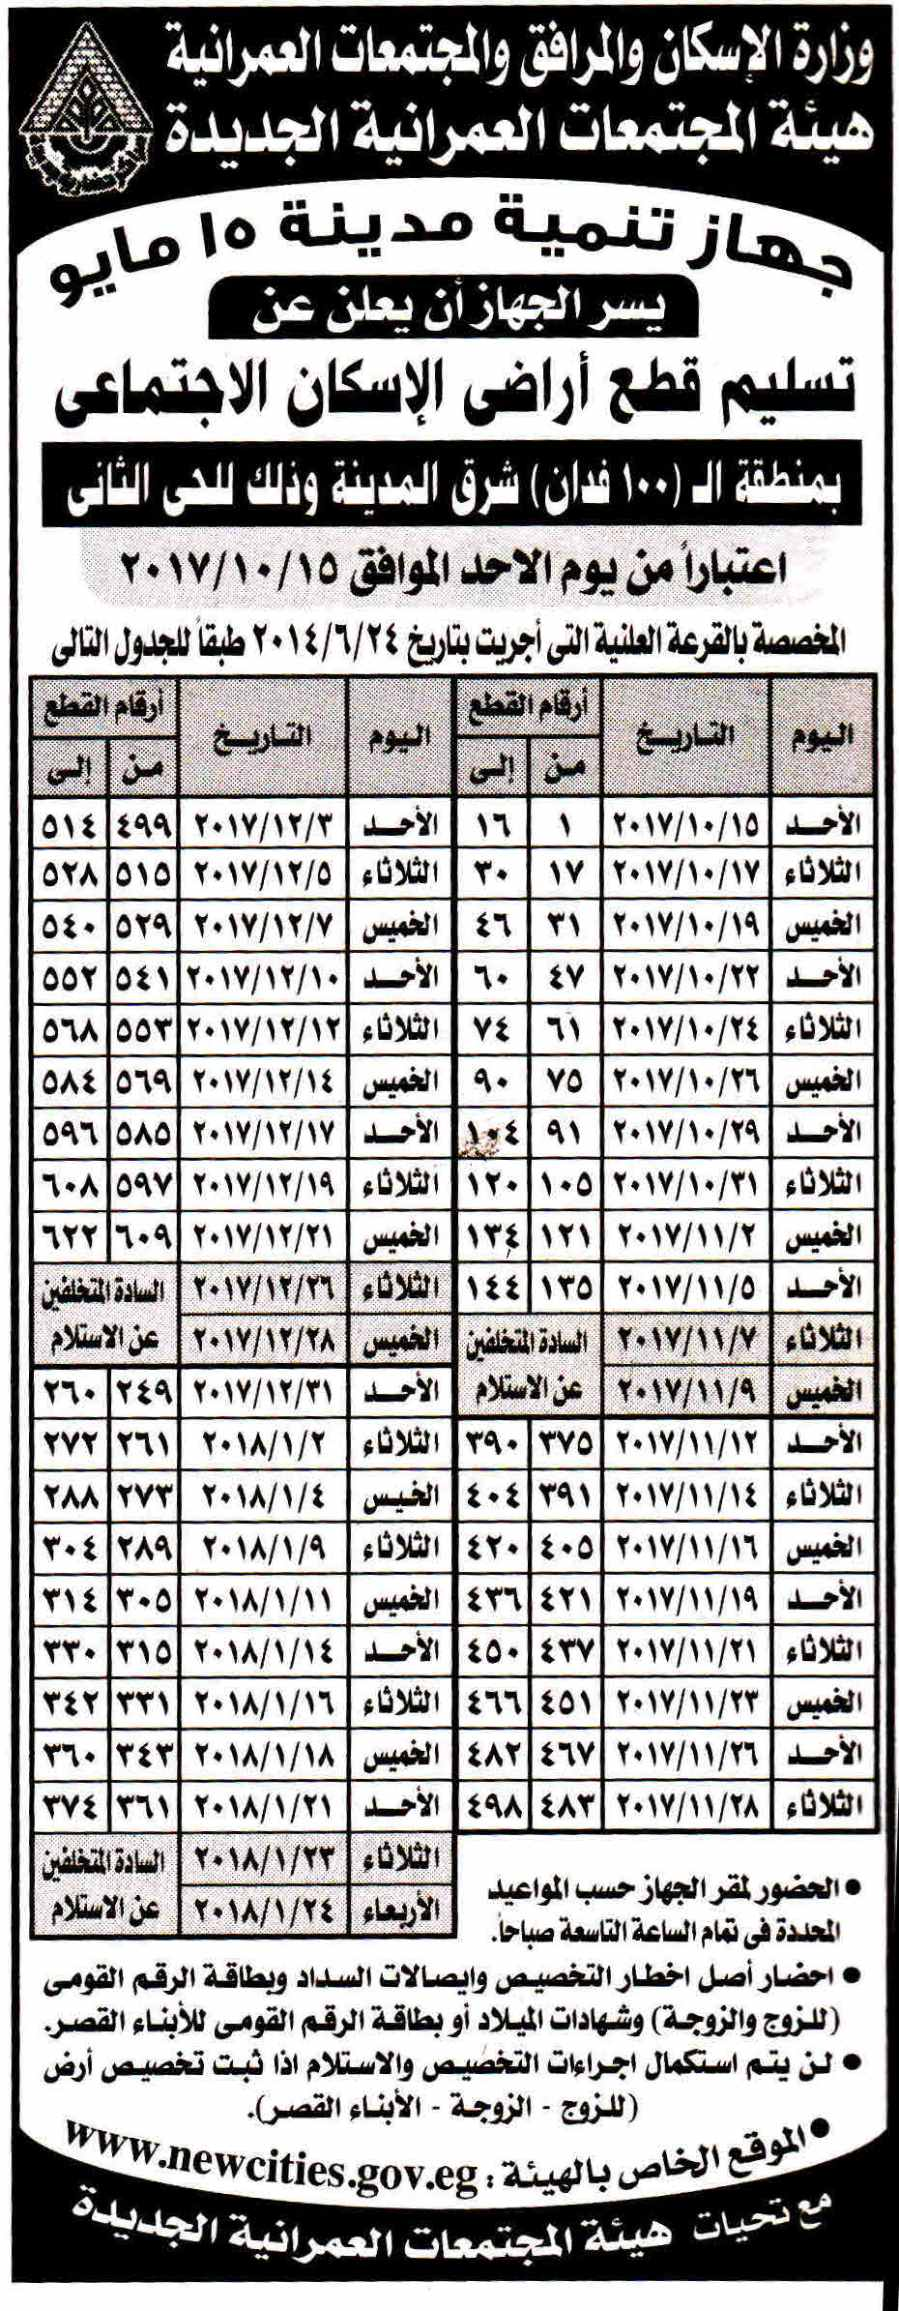 Al Akhbar 3 Oct P.1.jpg